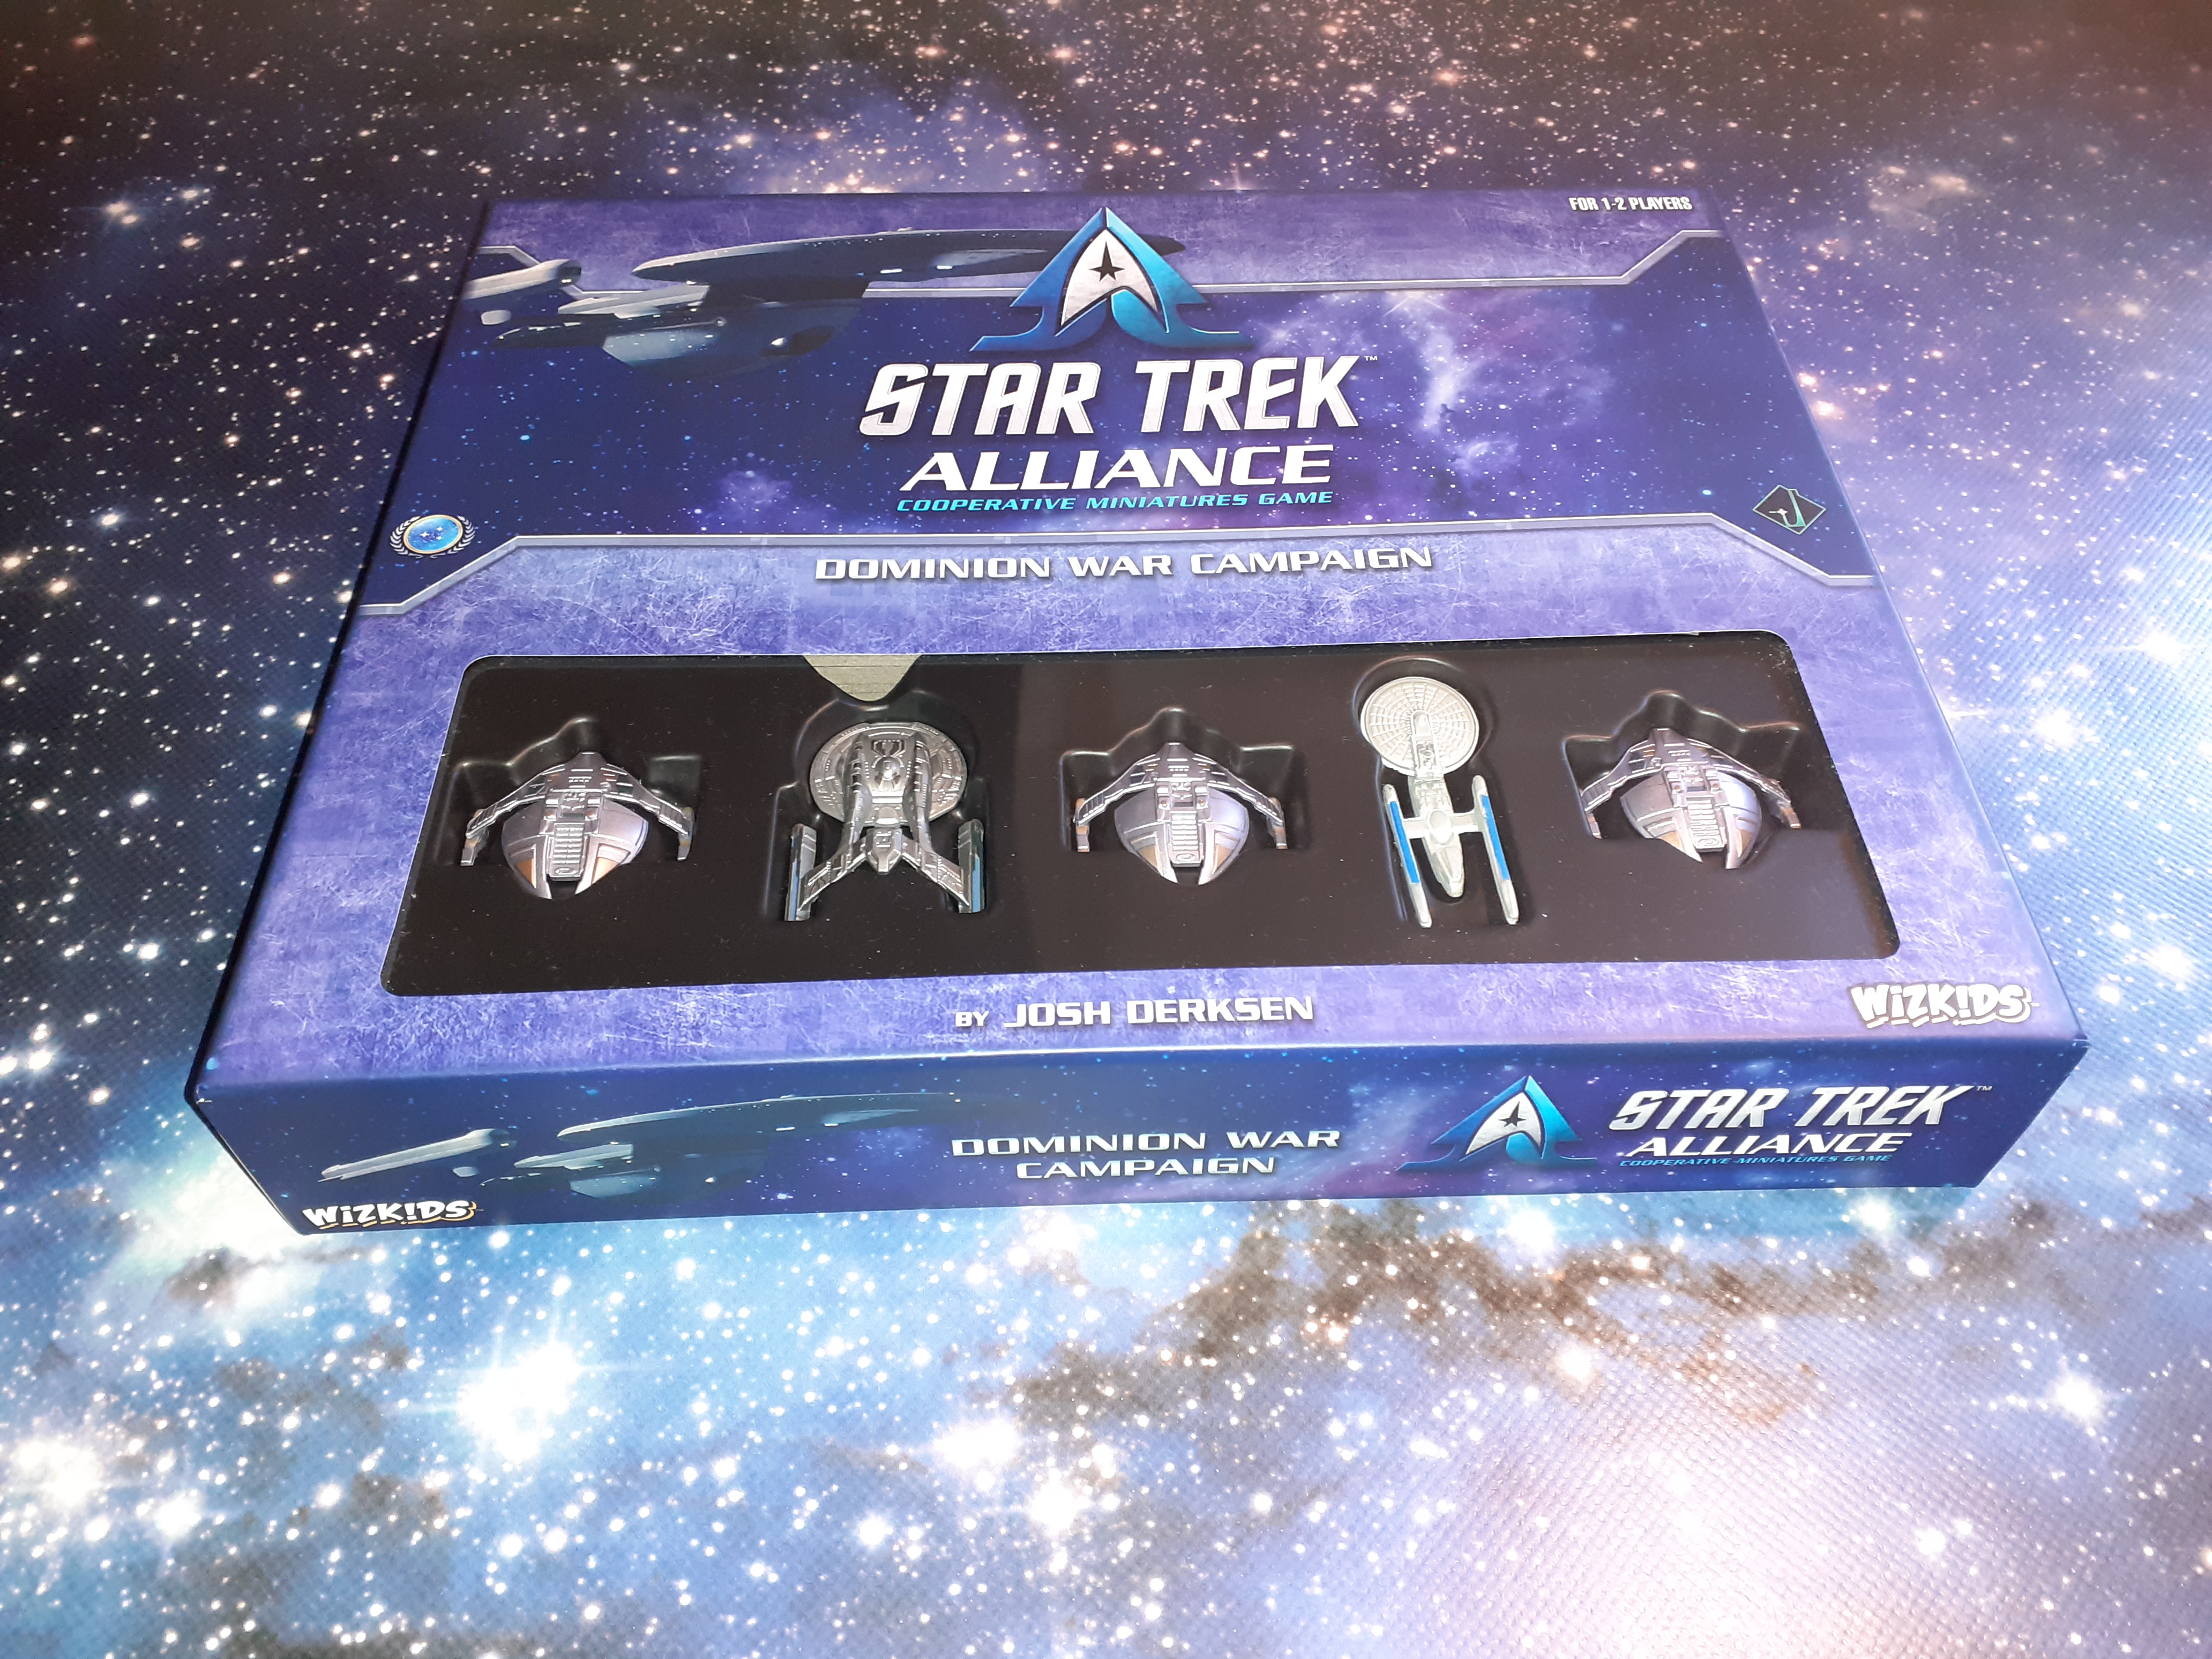 (Star Trek Attack Wing auf) Weiterspielen.net - Seite 35 20210219_152643